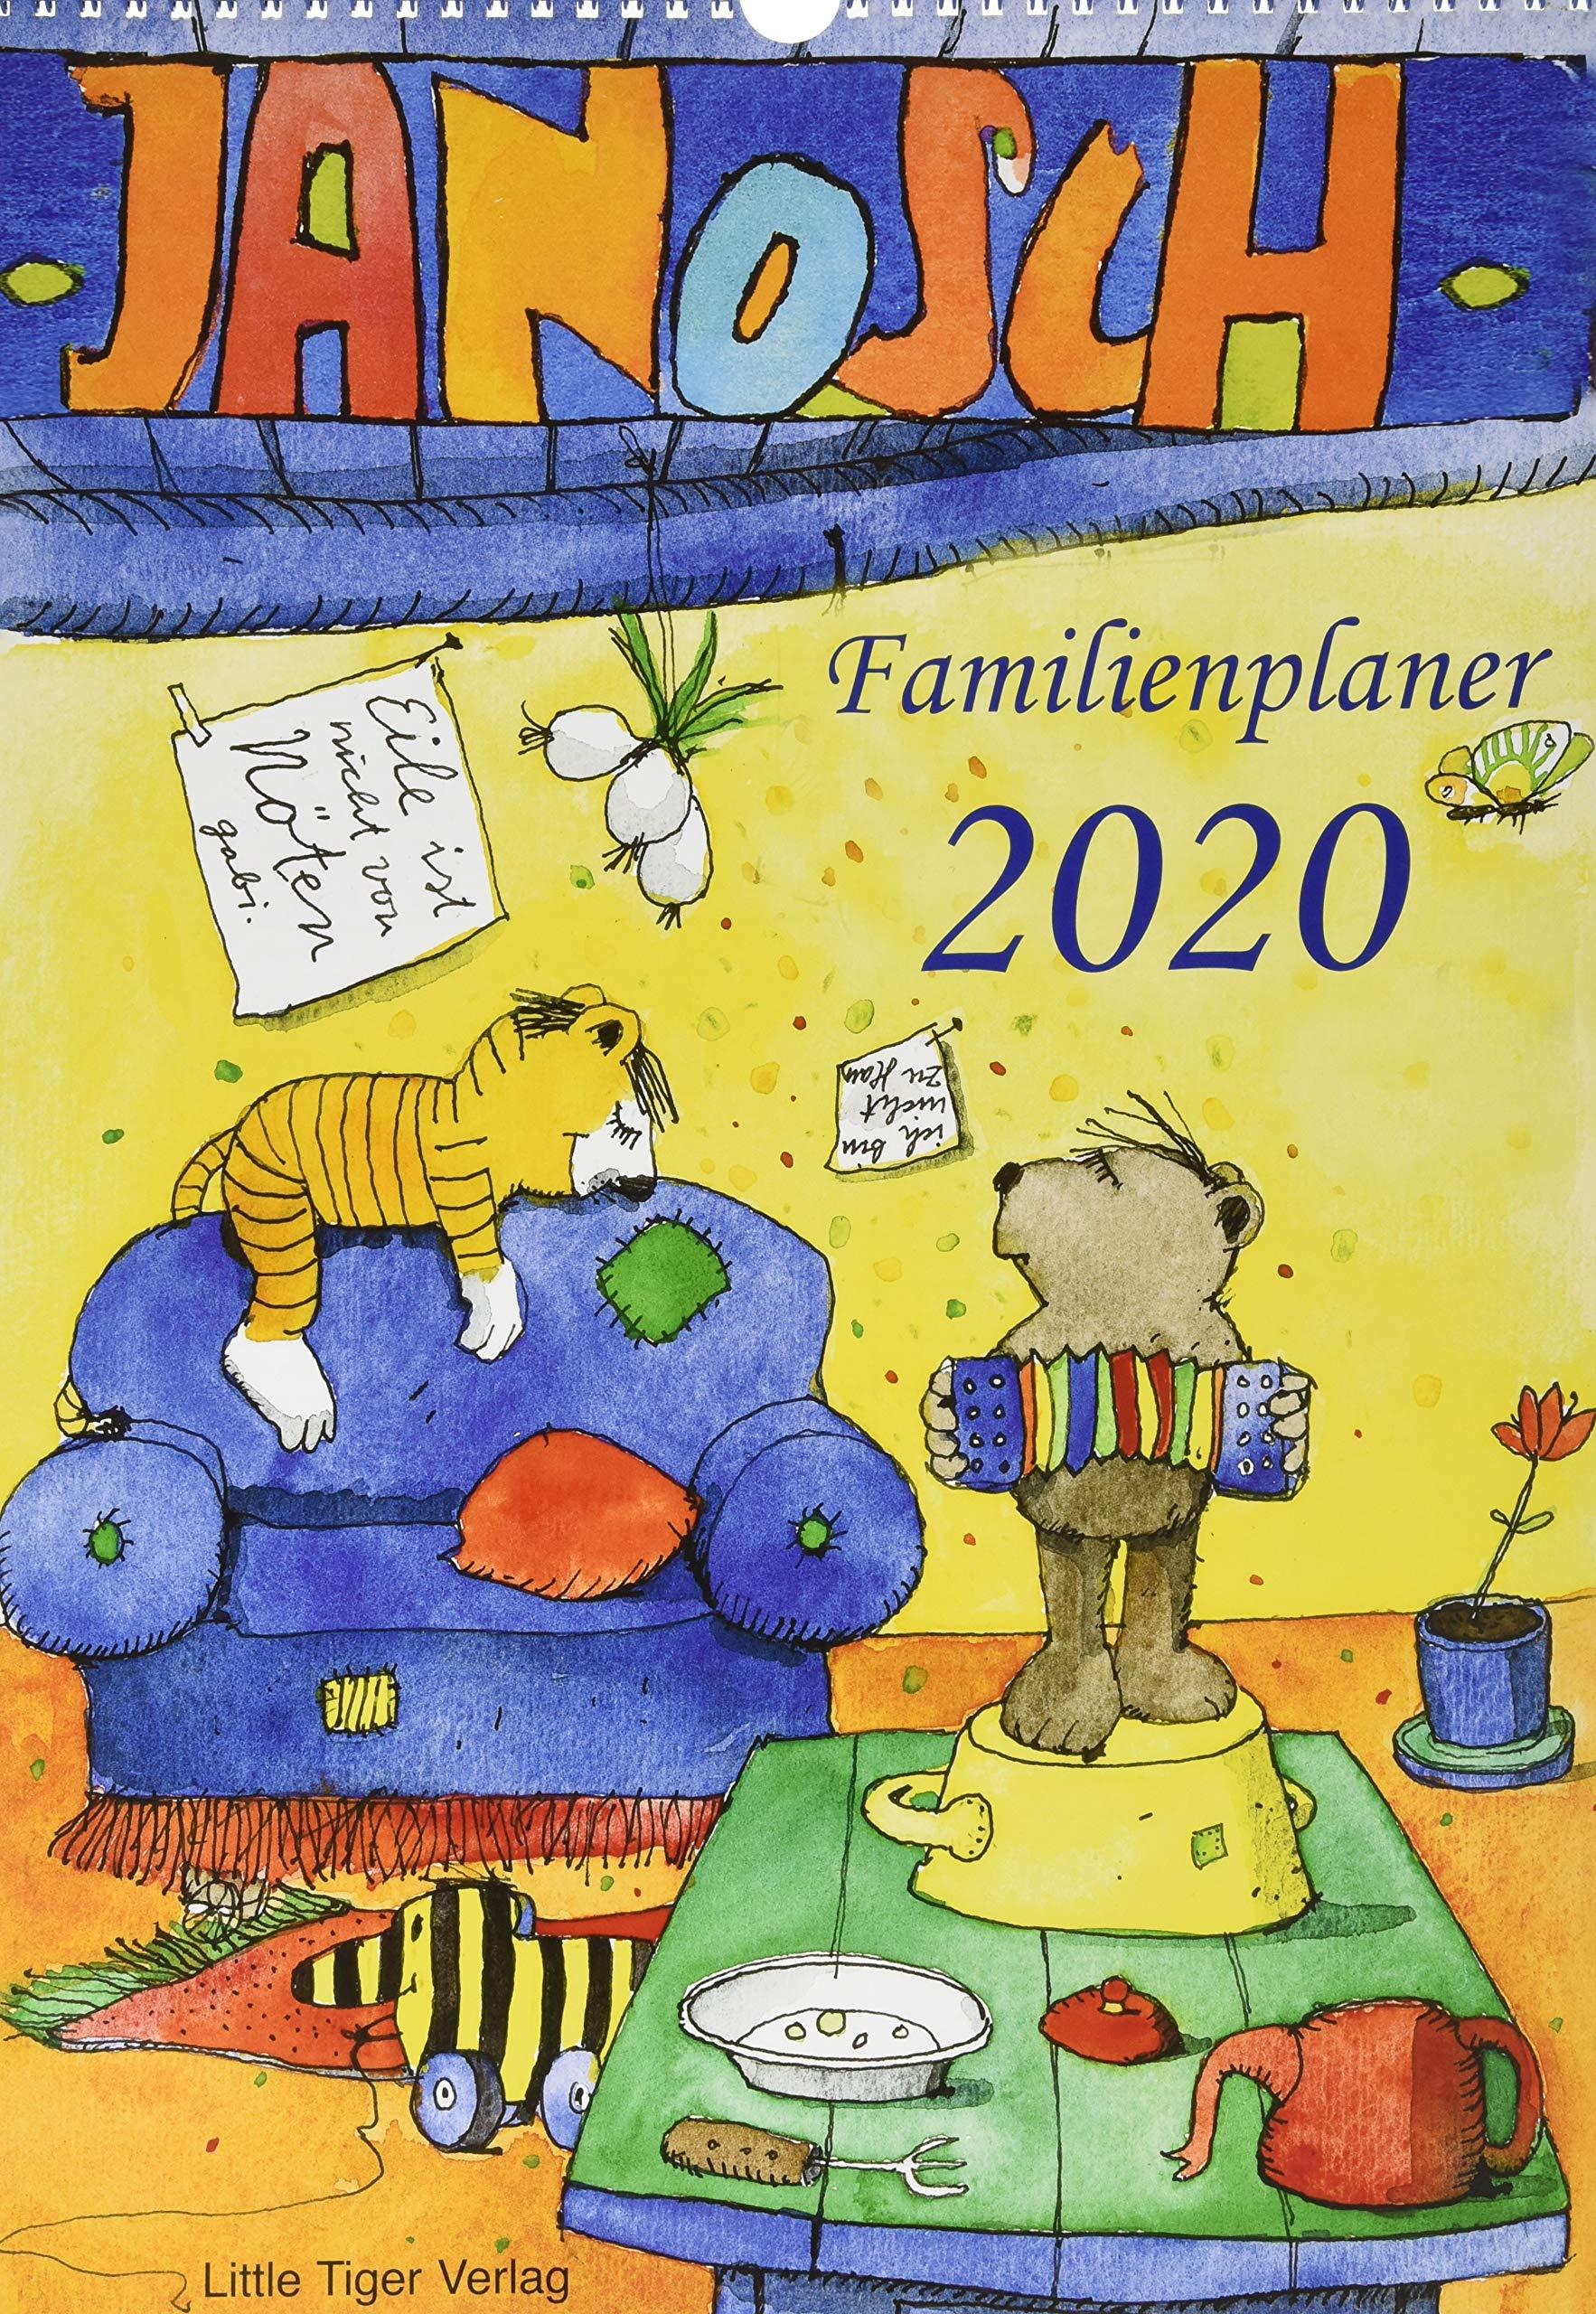 Janosch Familienplaner 2020